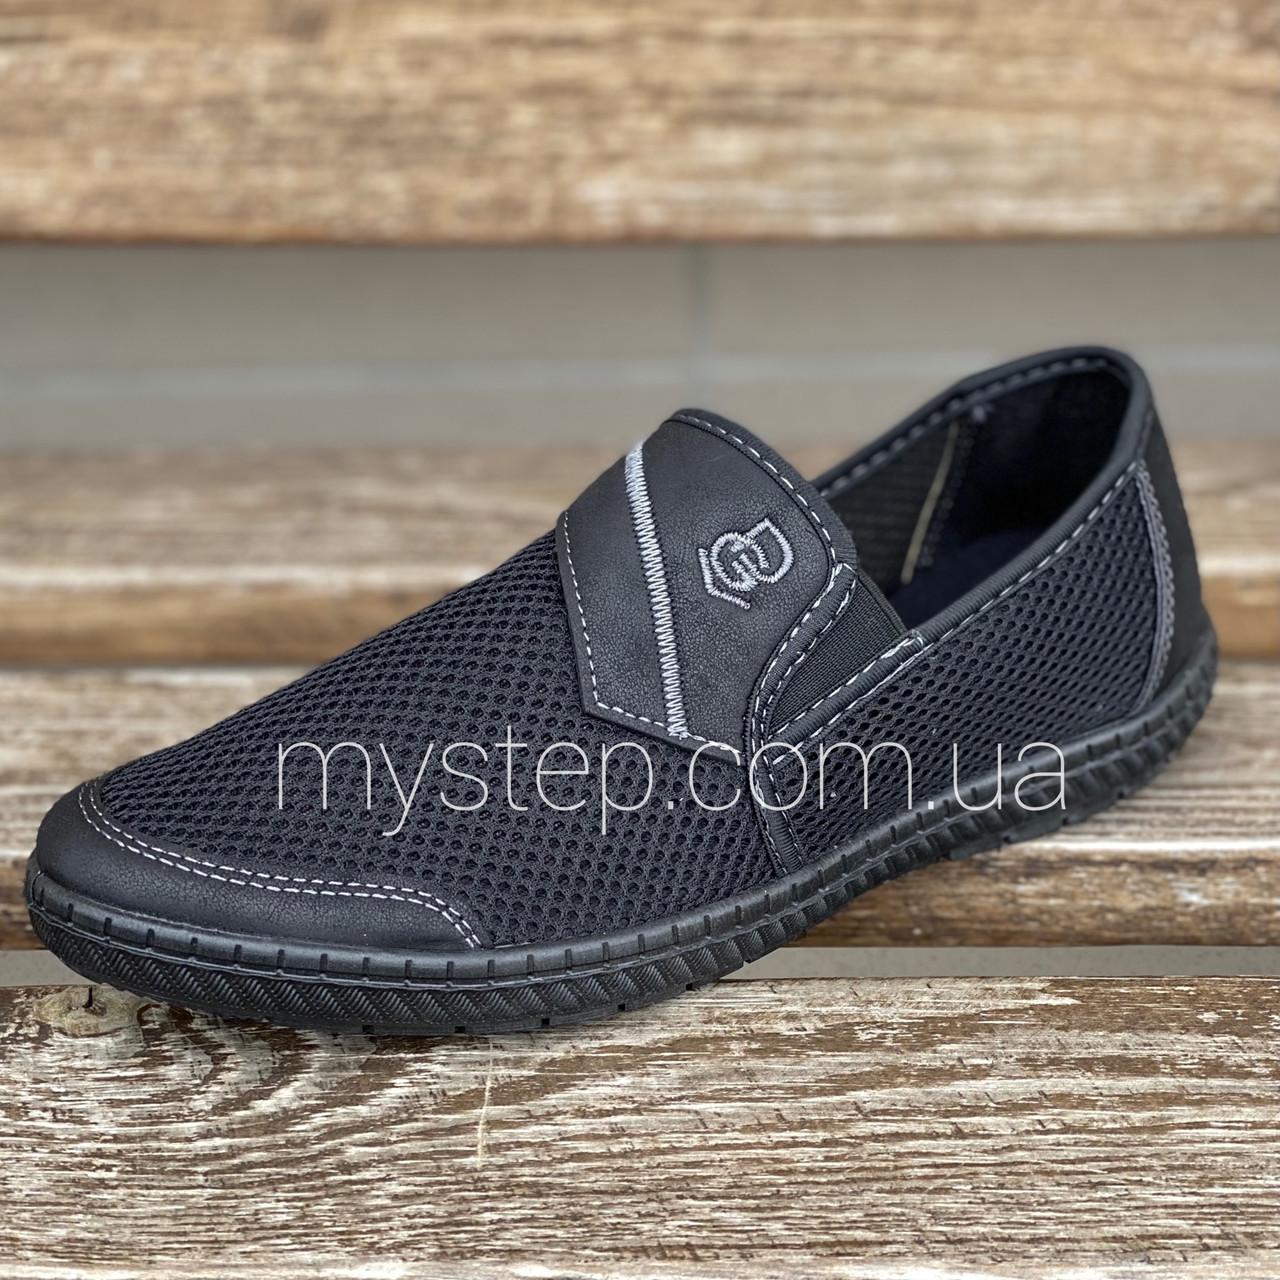 Мокасини чоловічі сітка чорні Dago style М81